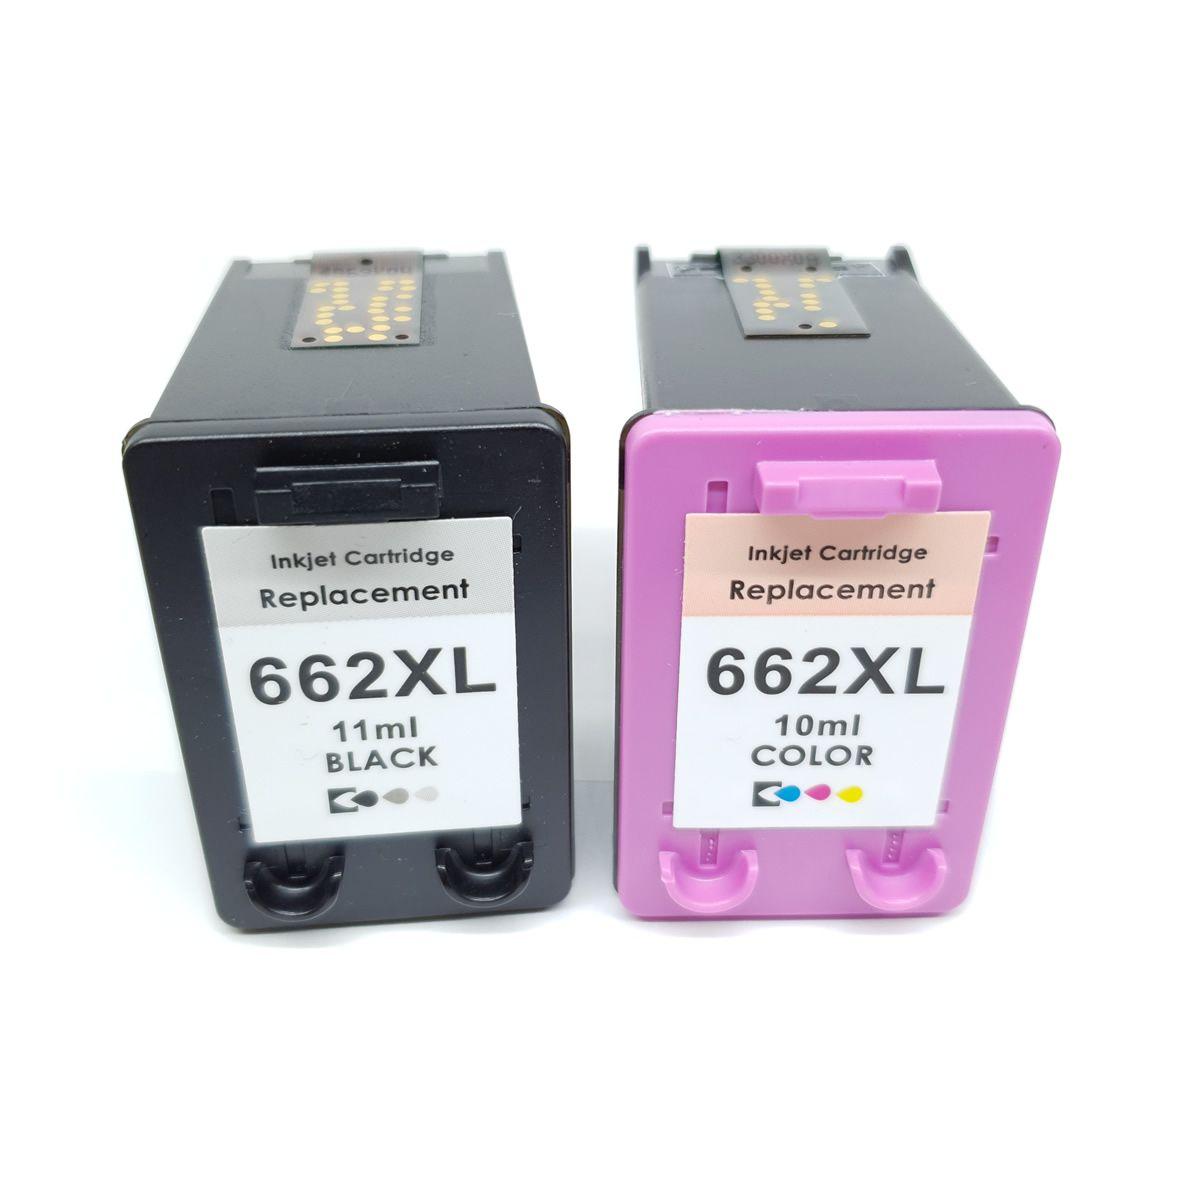 Kit 2 cartucho compatível 662xl preto e colorido para 2516 3516 2546 1516 da HP